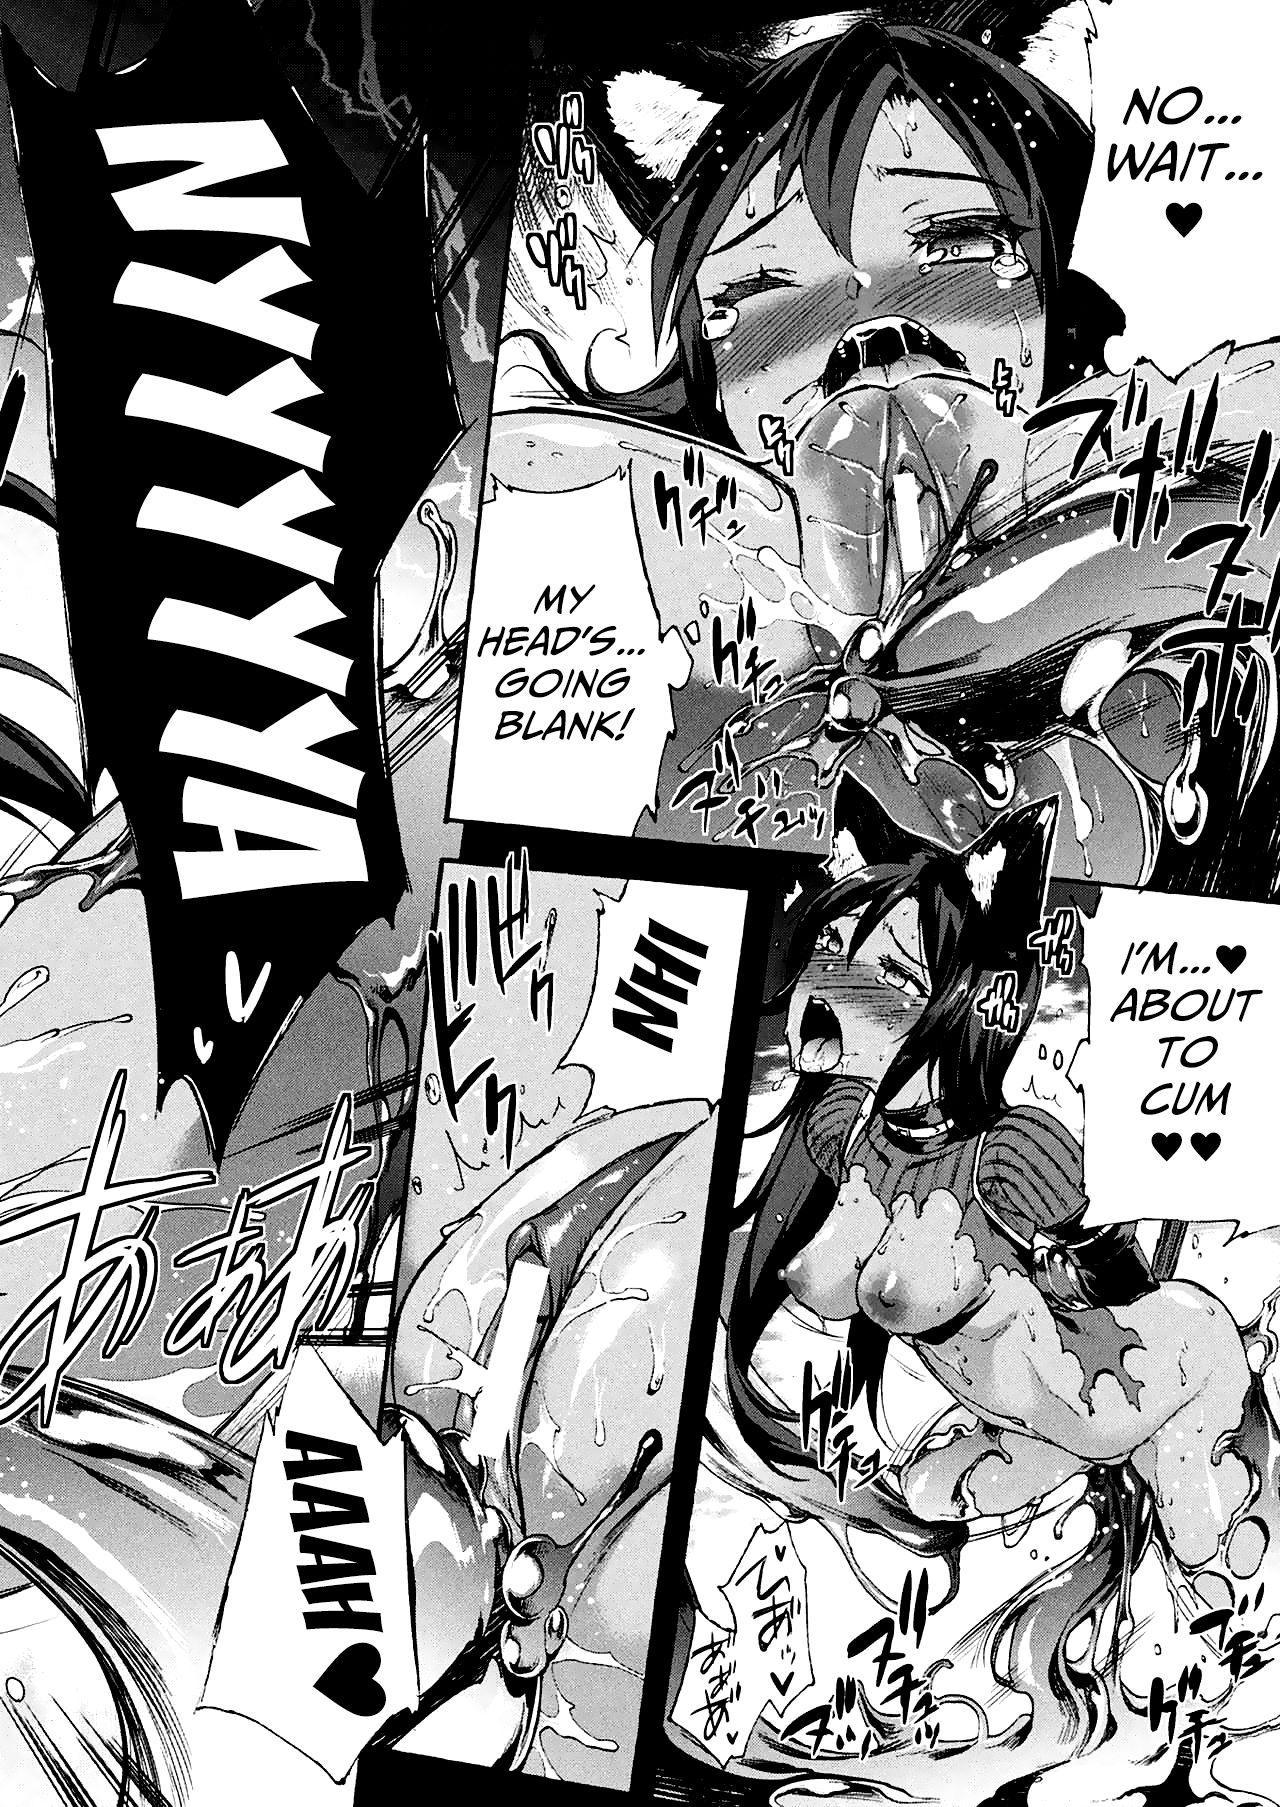 [Erect Sawaru] Raikou Shinki Igis Magia -PANDRA saga 3rd ignition- Ch. 8-10 [English] [Digital] 7